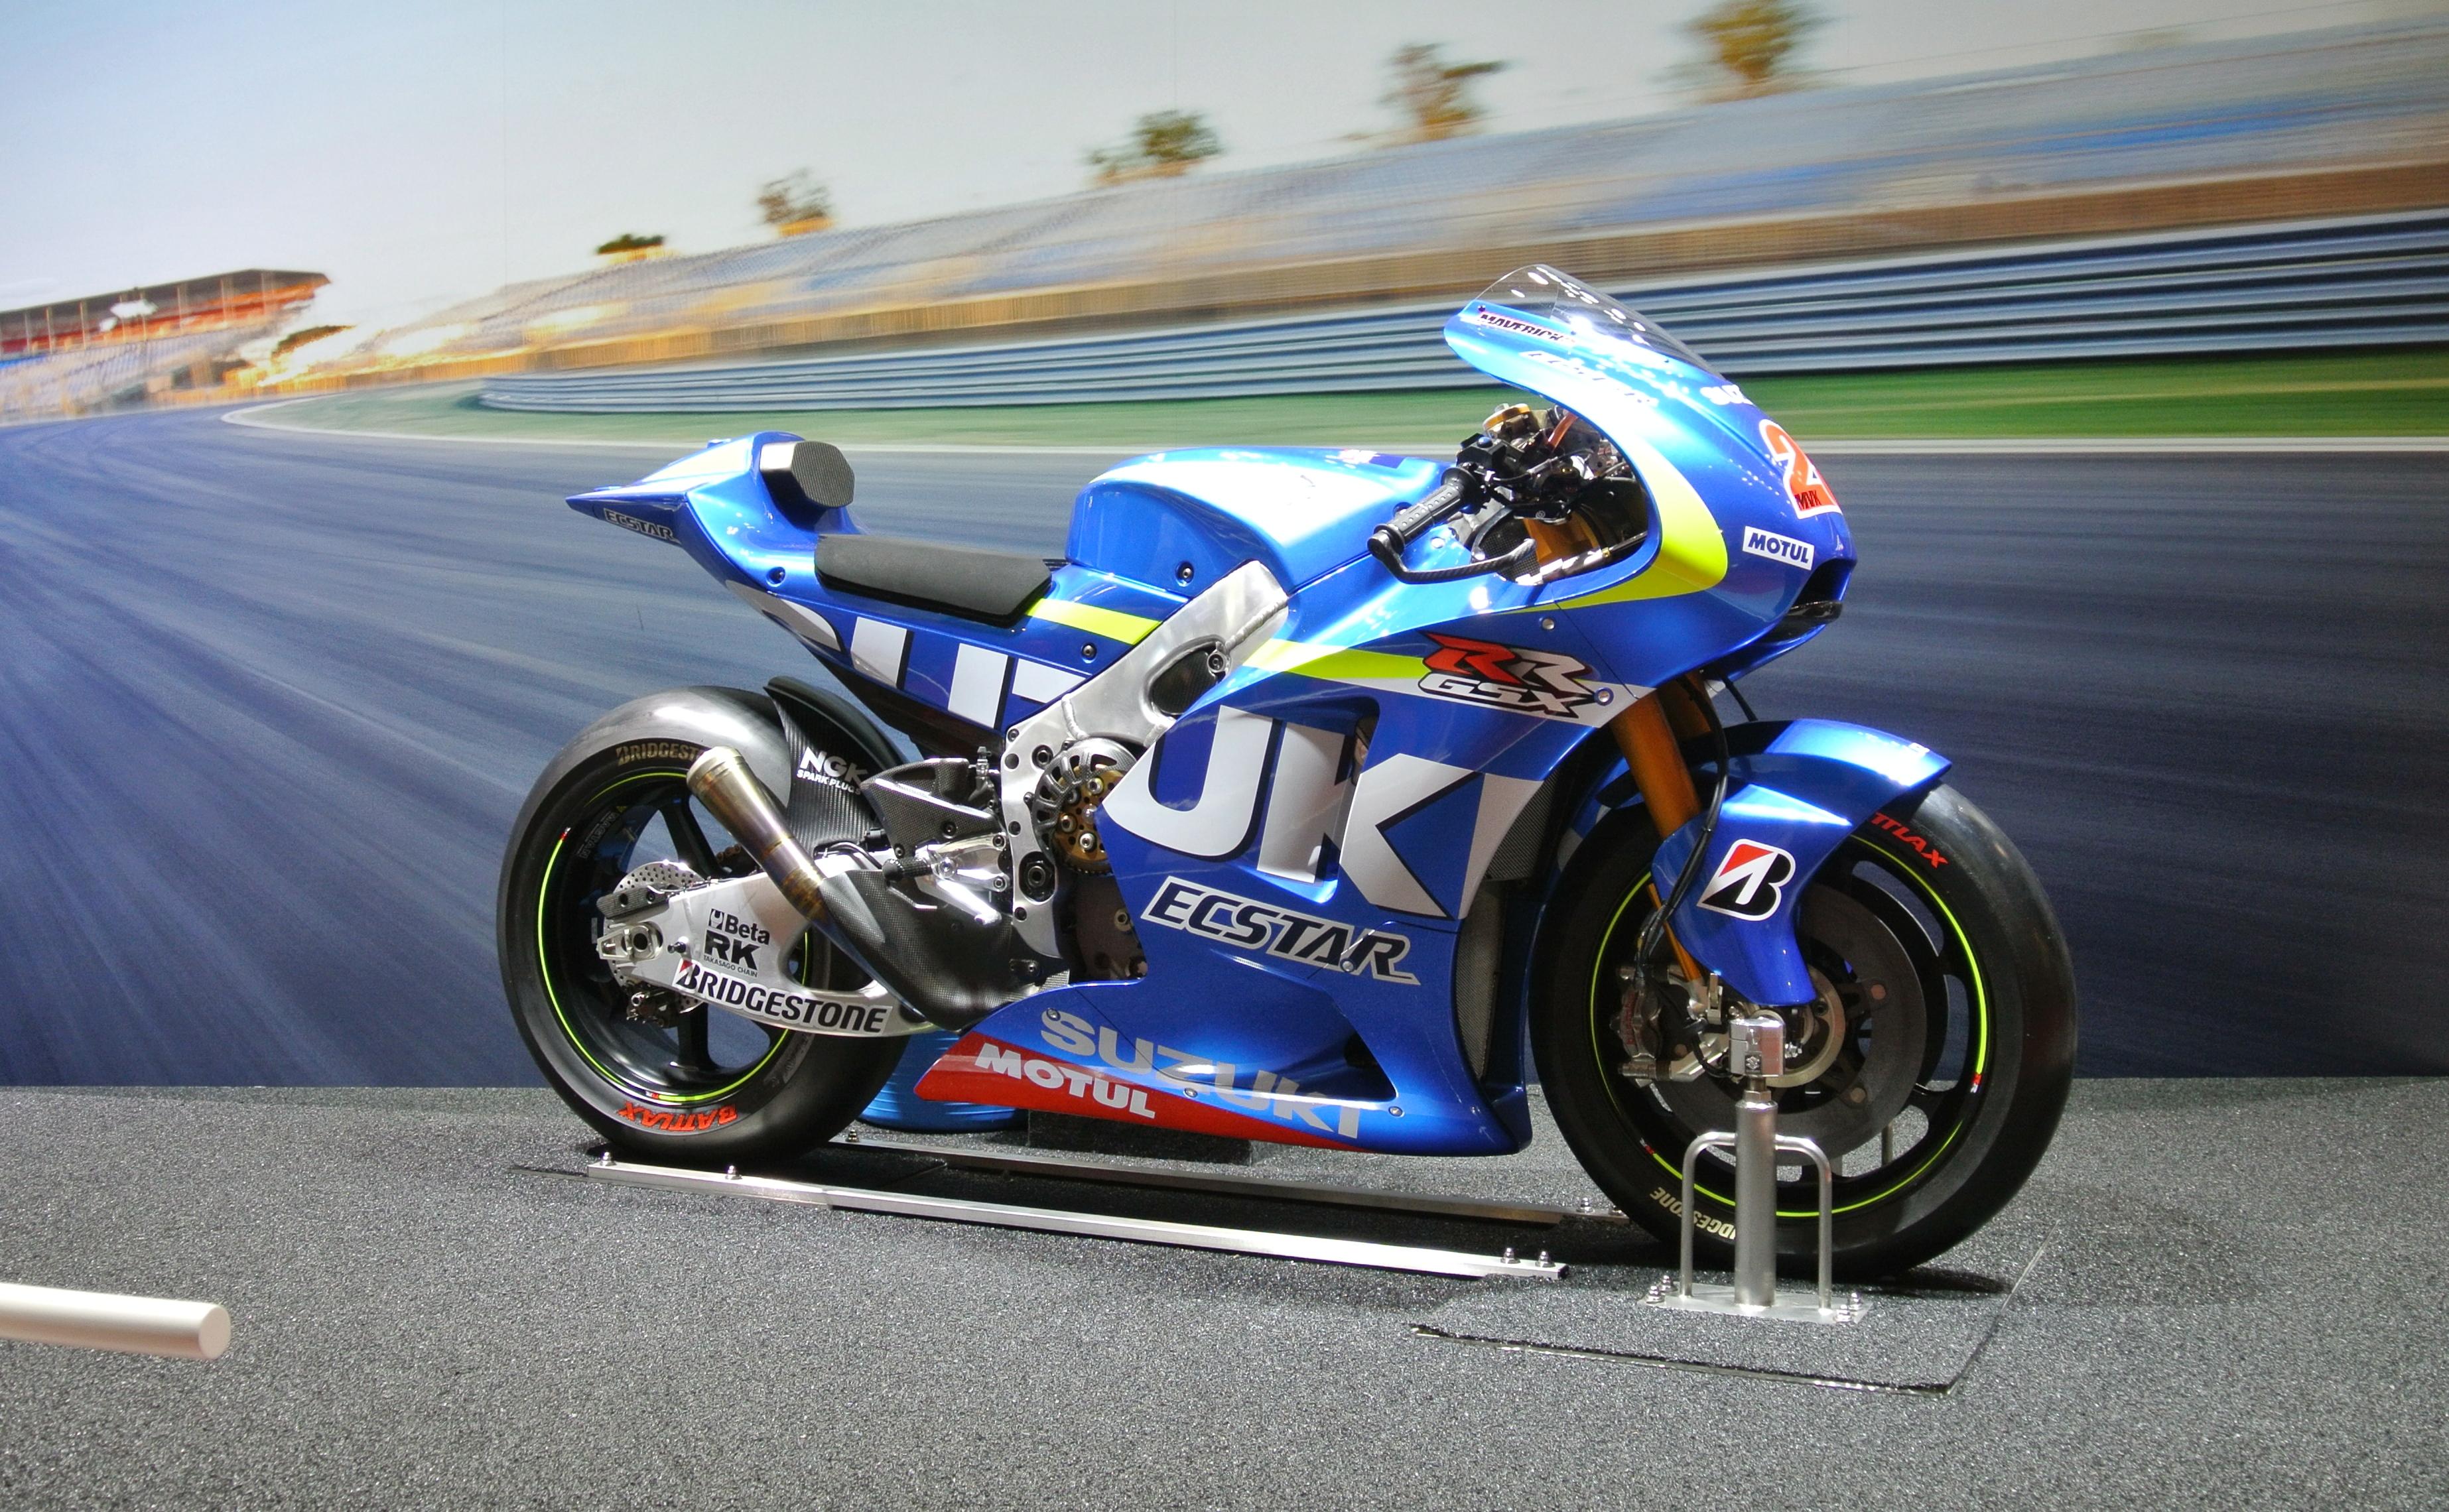 Suzuki Gsx R Harga